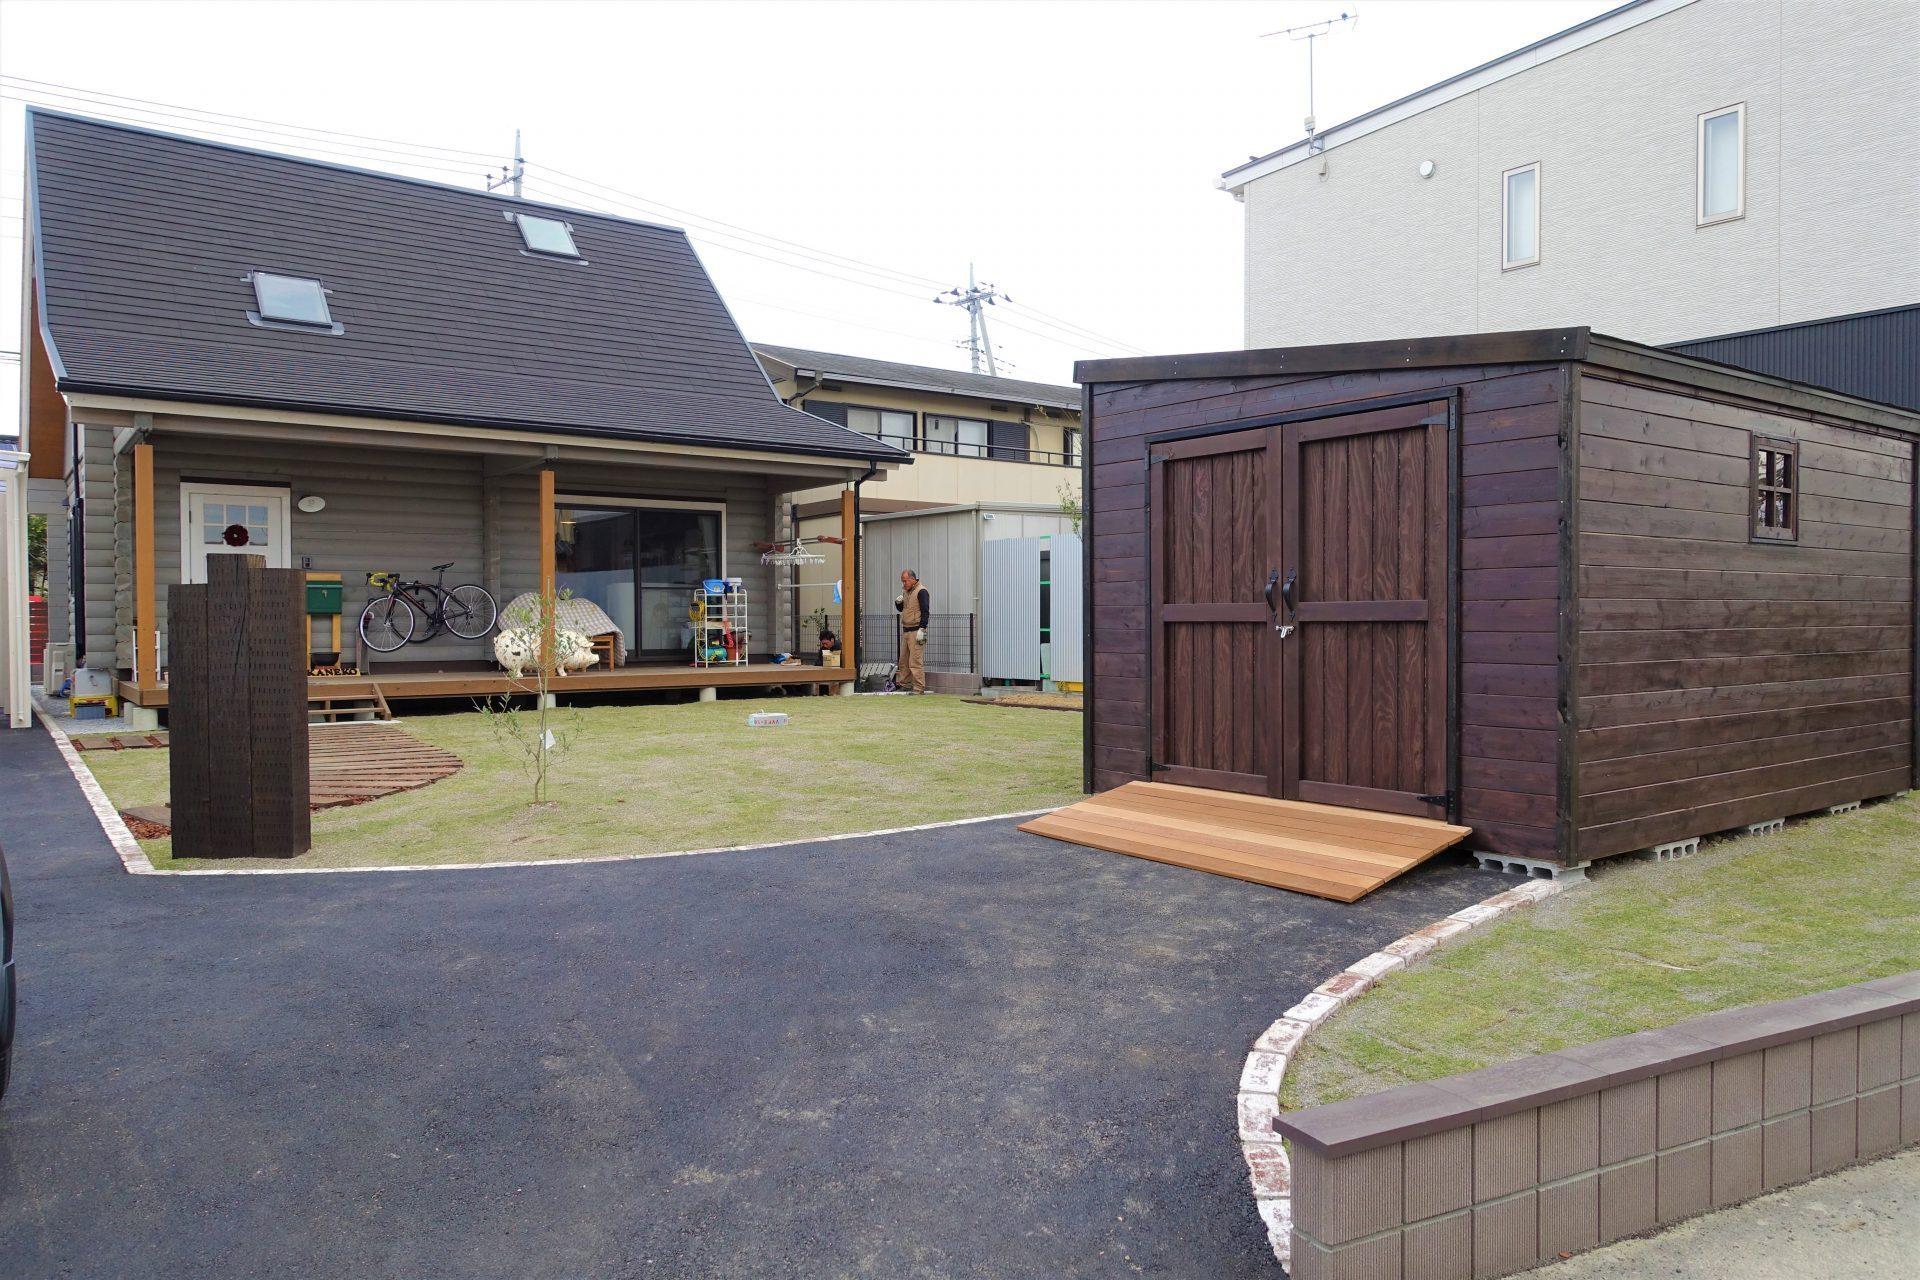 舗装駐車場と木製ガレージ